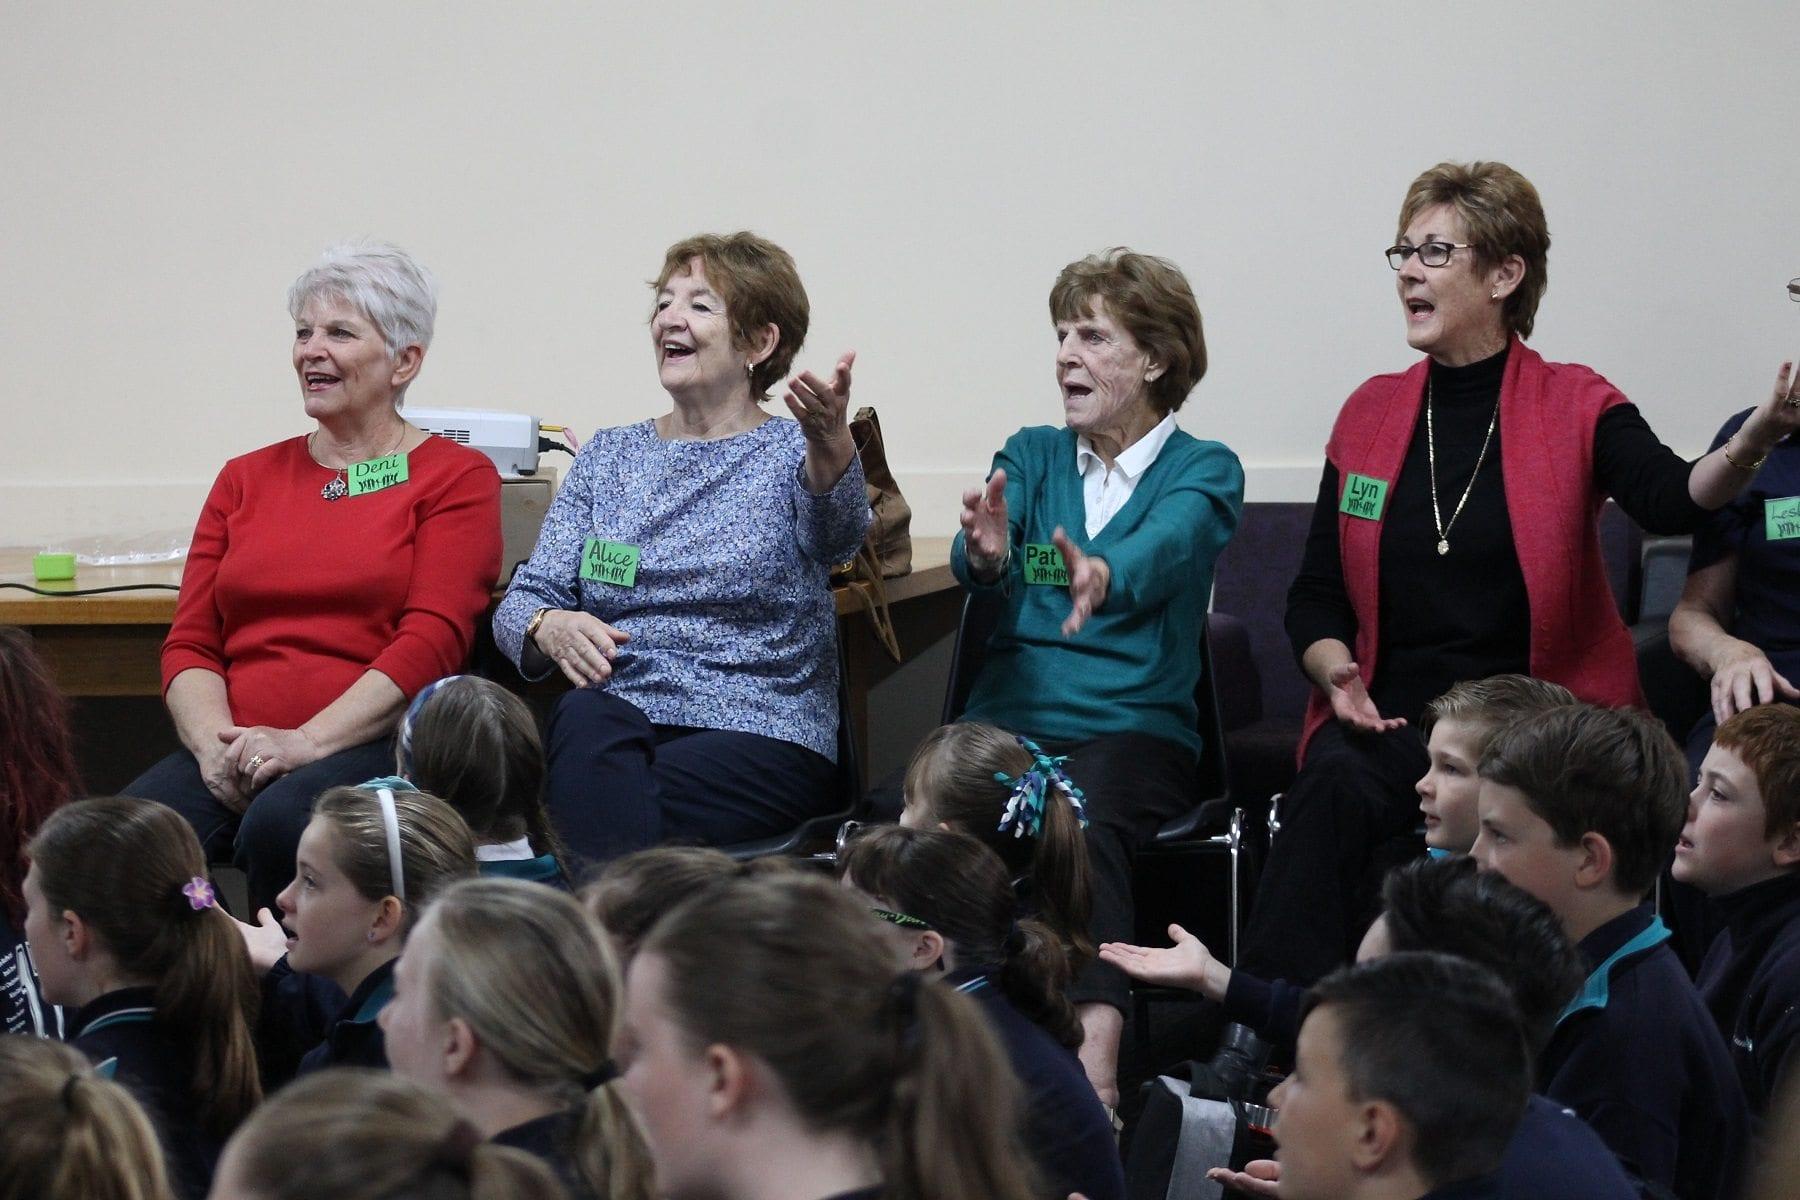 ach group choir singing